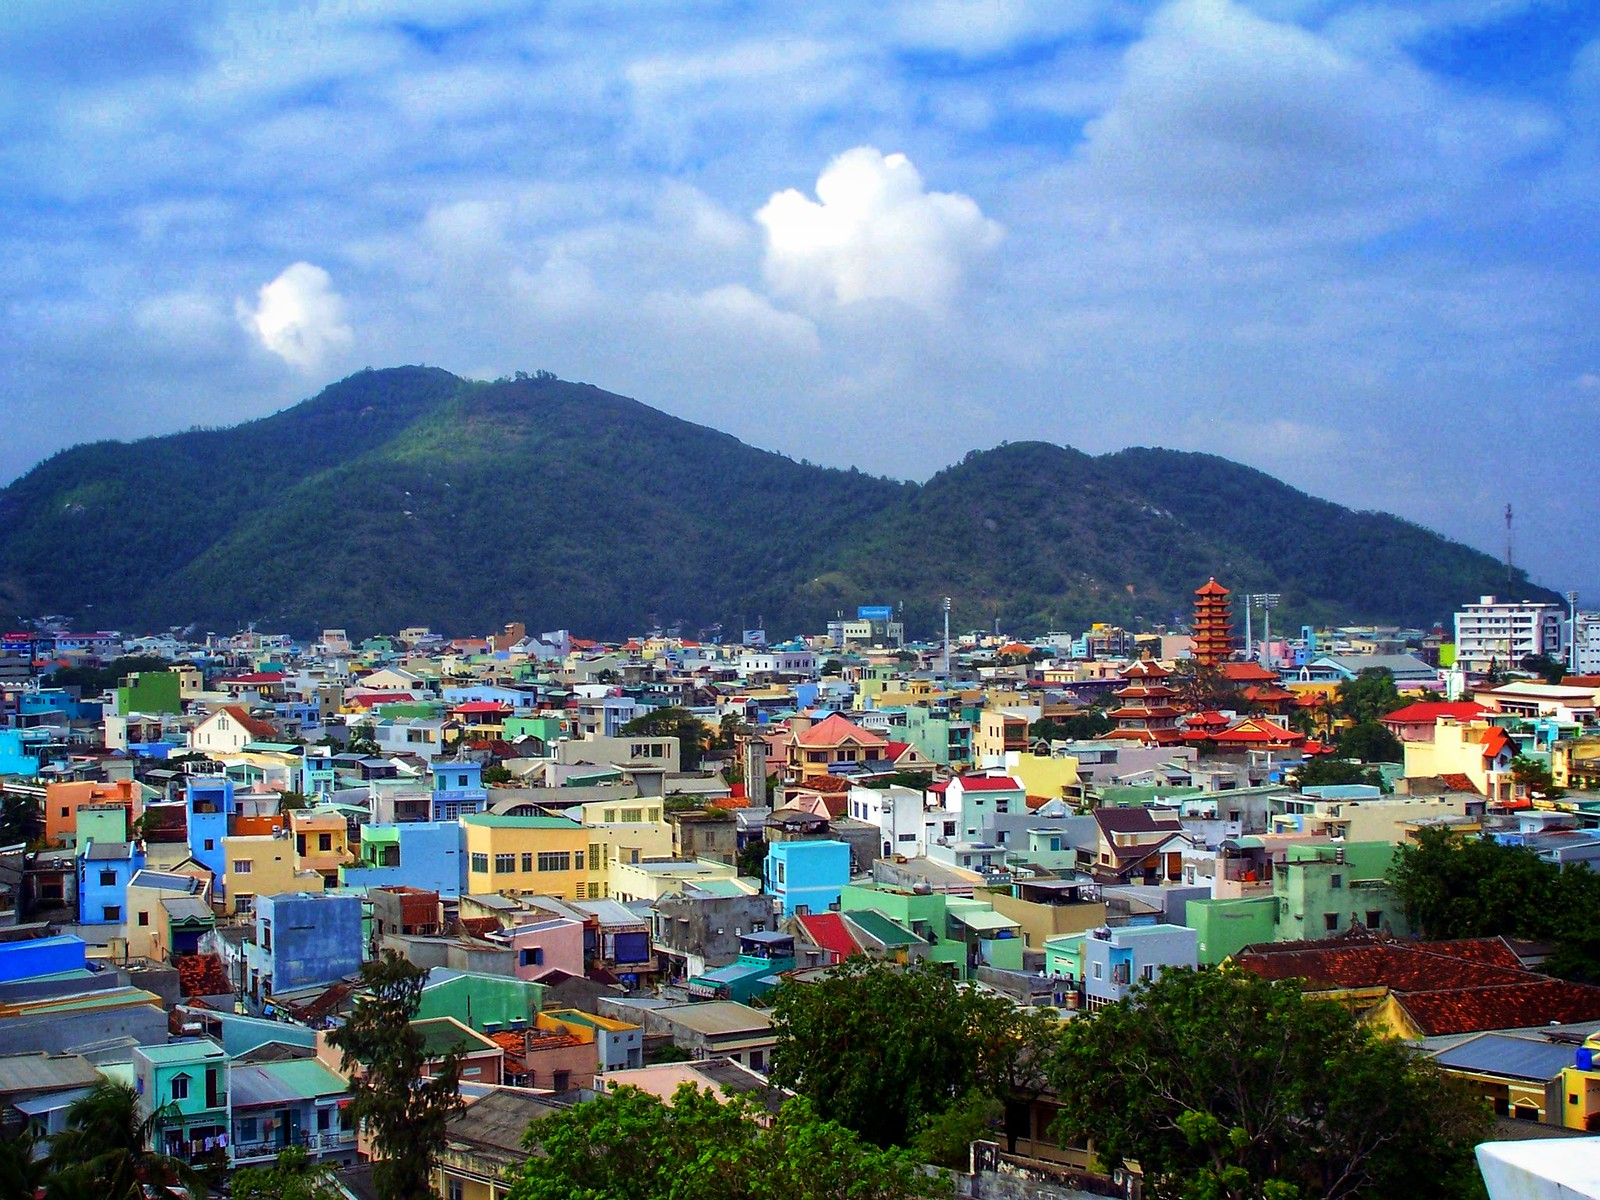 Quy Nho'n, Binh Dinh Province, Vietnam